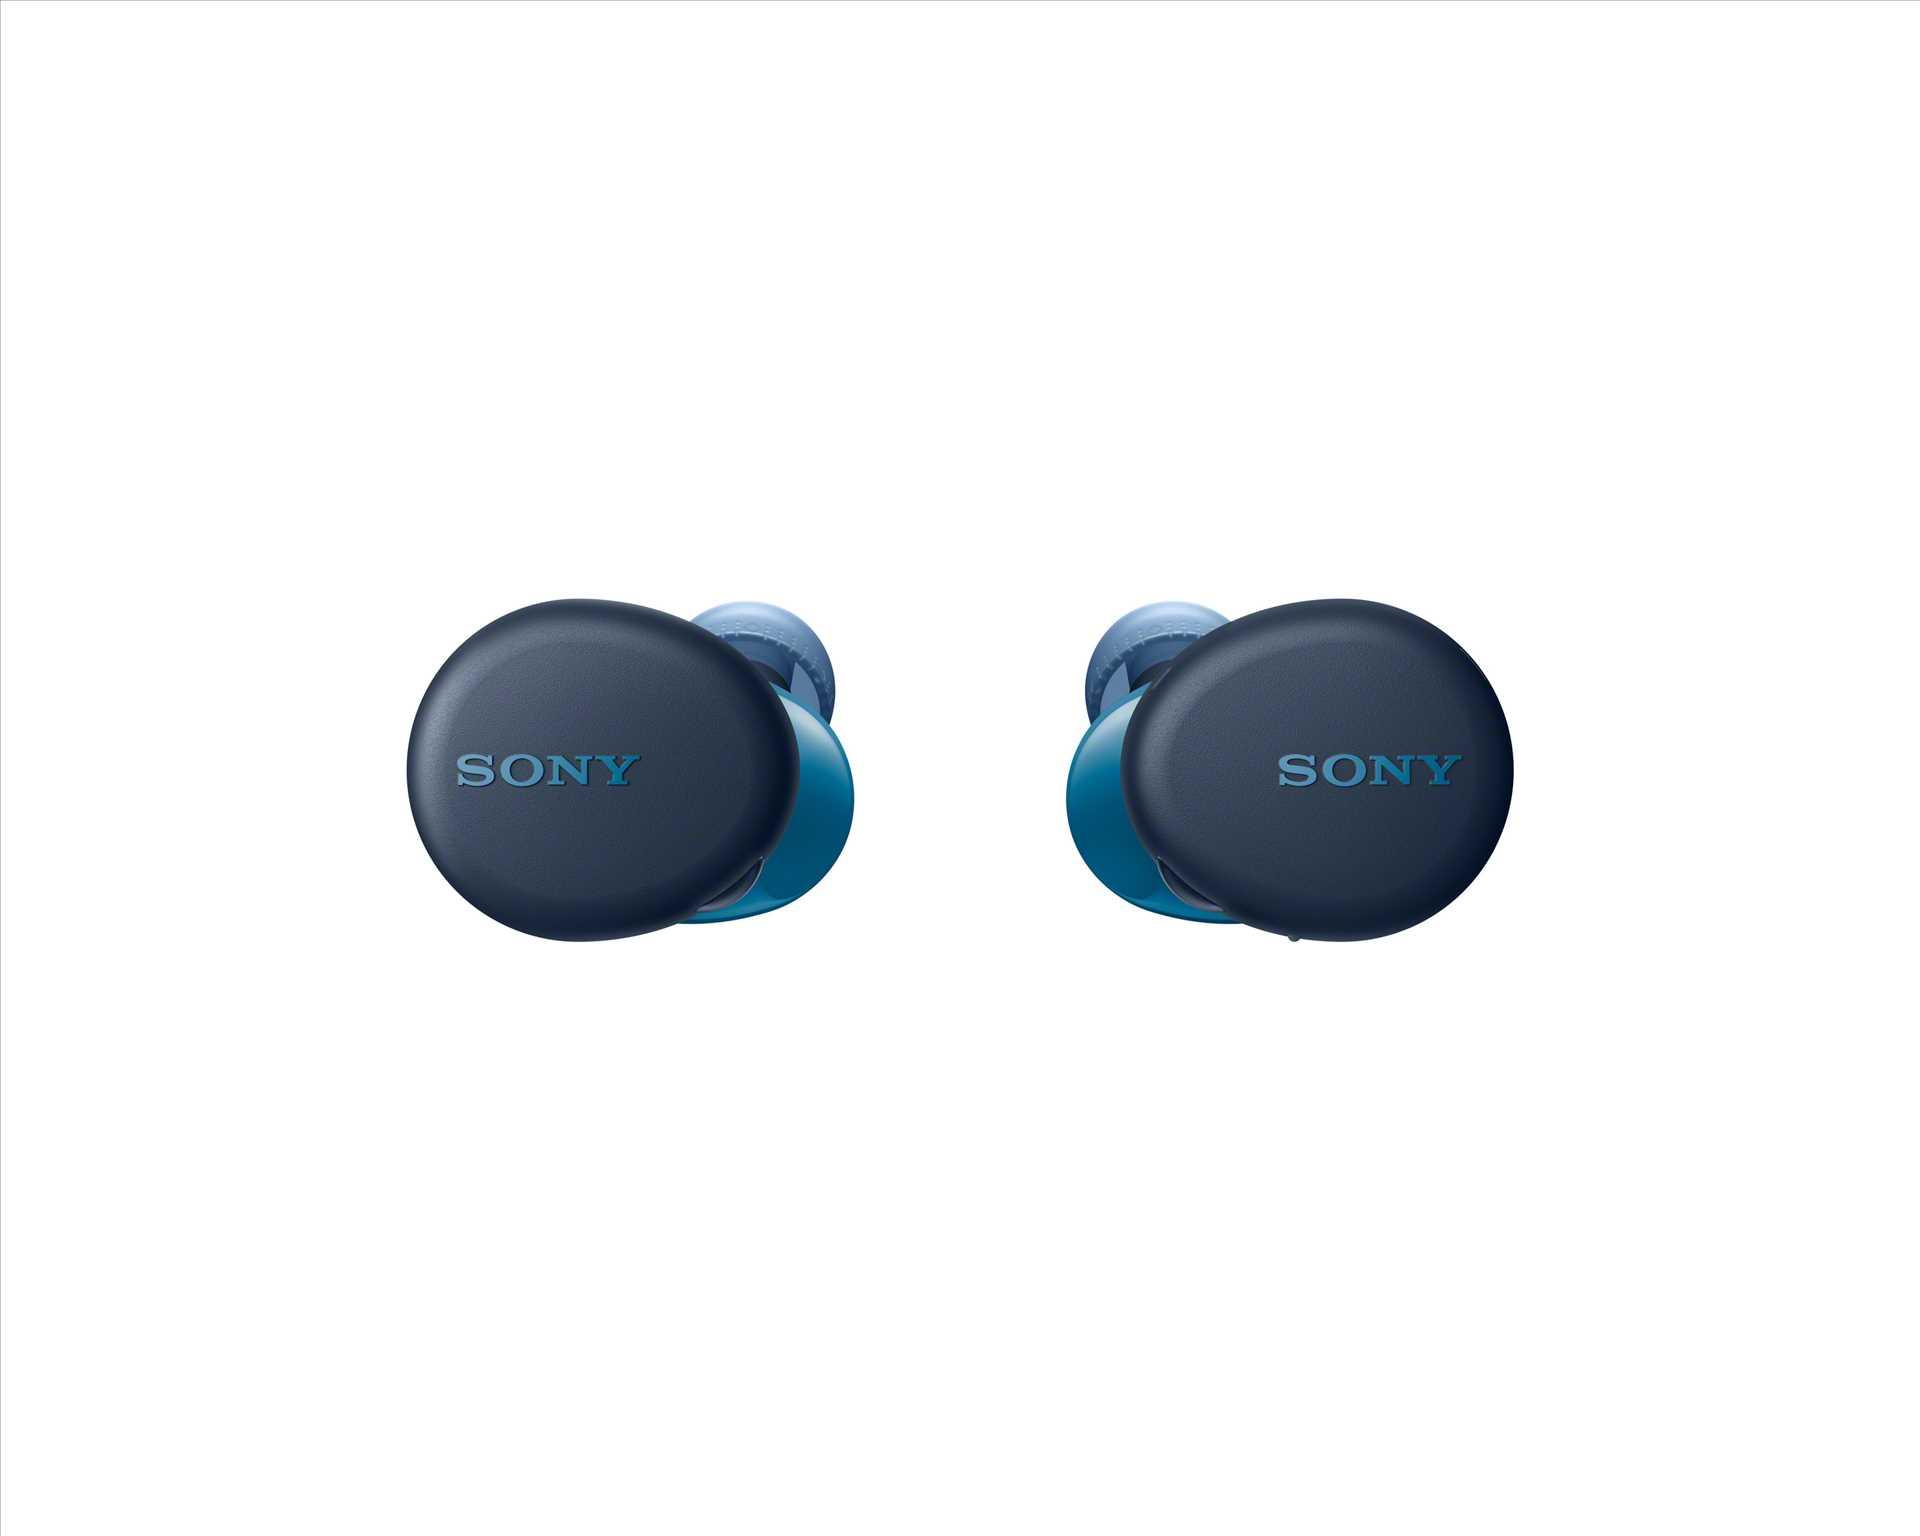 אוזניות Sony WF-XB700L True Wireless סוני כחולות - תמונה 1